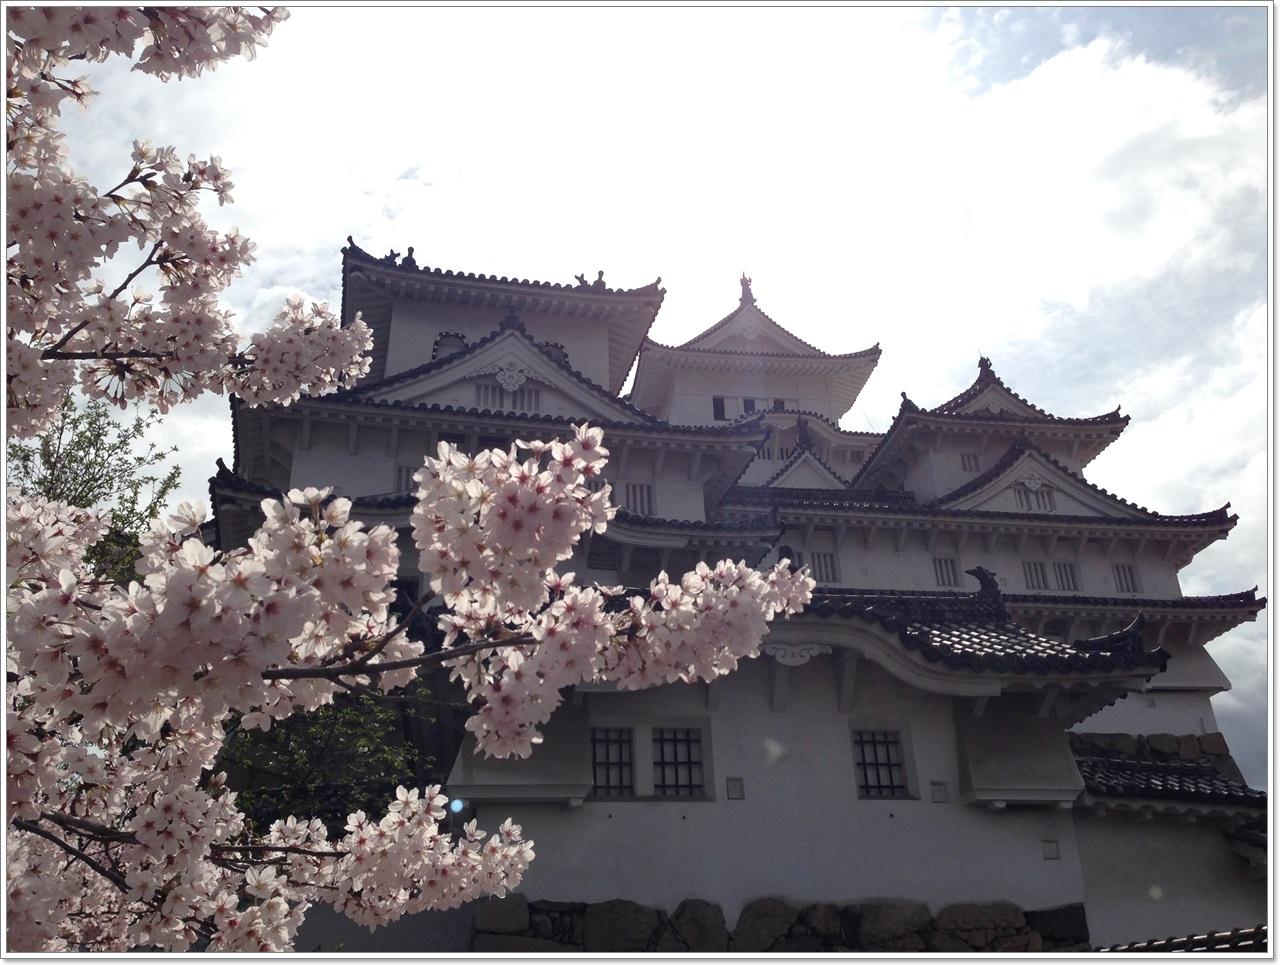 himeji divorced singles Miyamoto musashi (宮本 武蔵, c 1584 – june 13, 1645), also known as shinmen takezō, miyamoto bennosuke or, by his buddhist name, niten dōraku, was a japanese swordsman, philosopher, writer and rōnin.